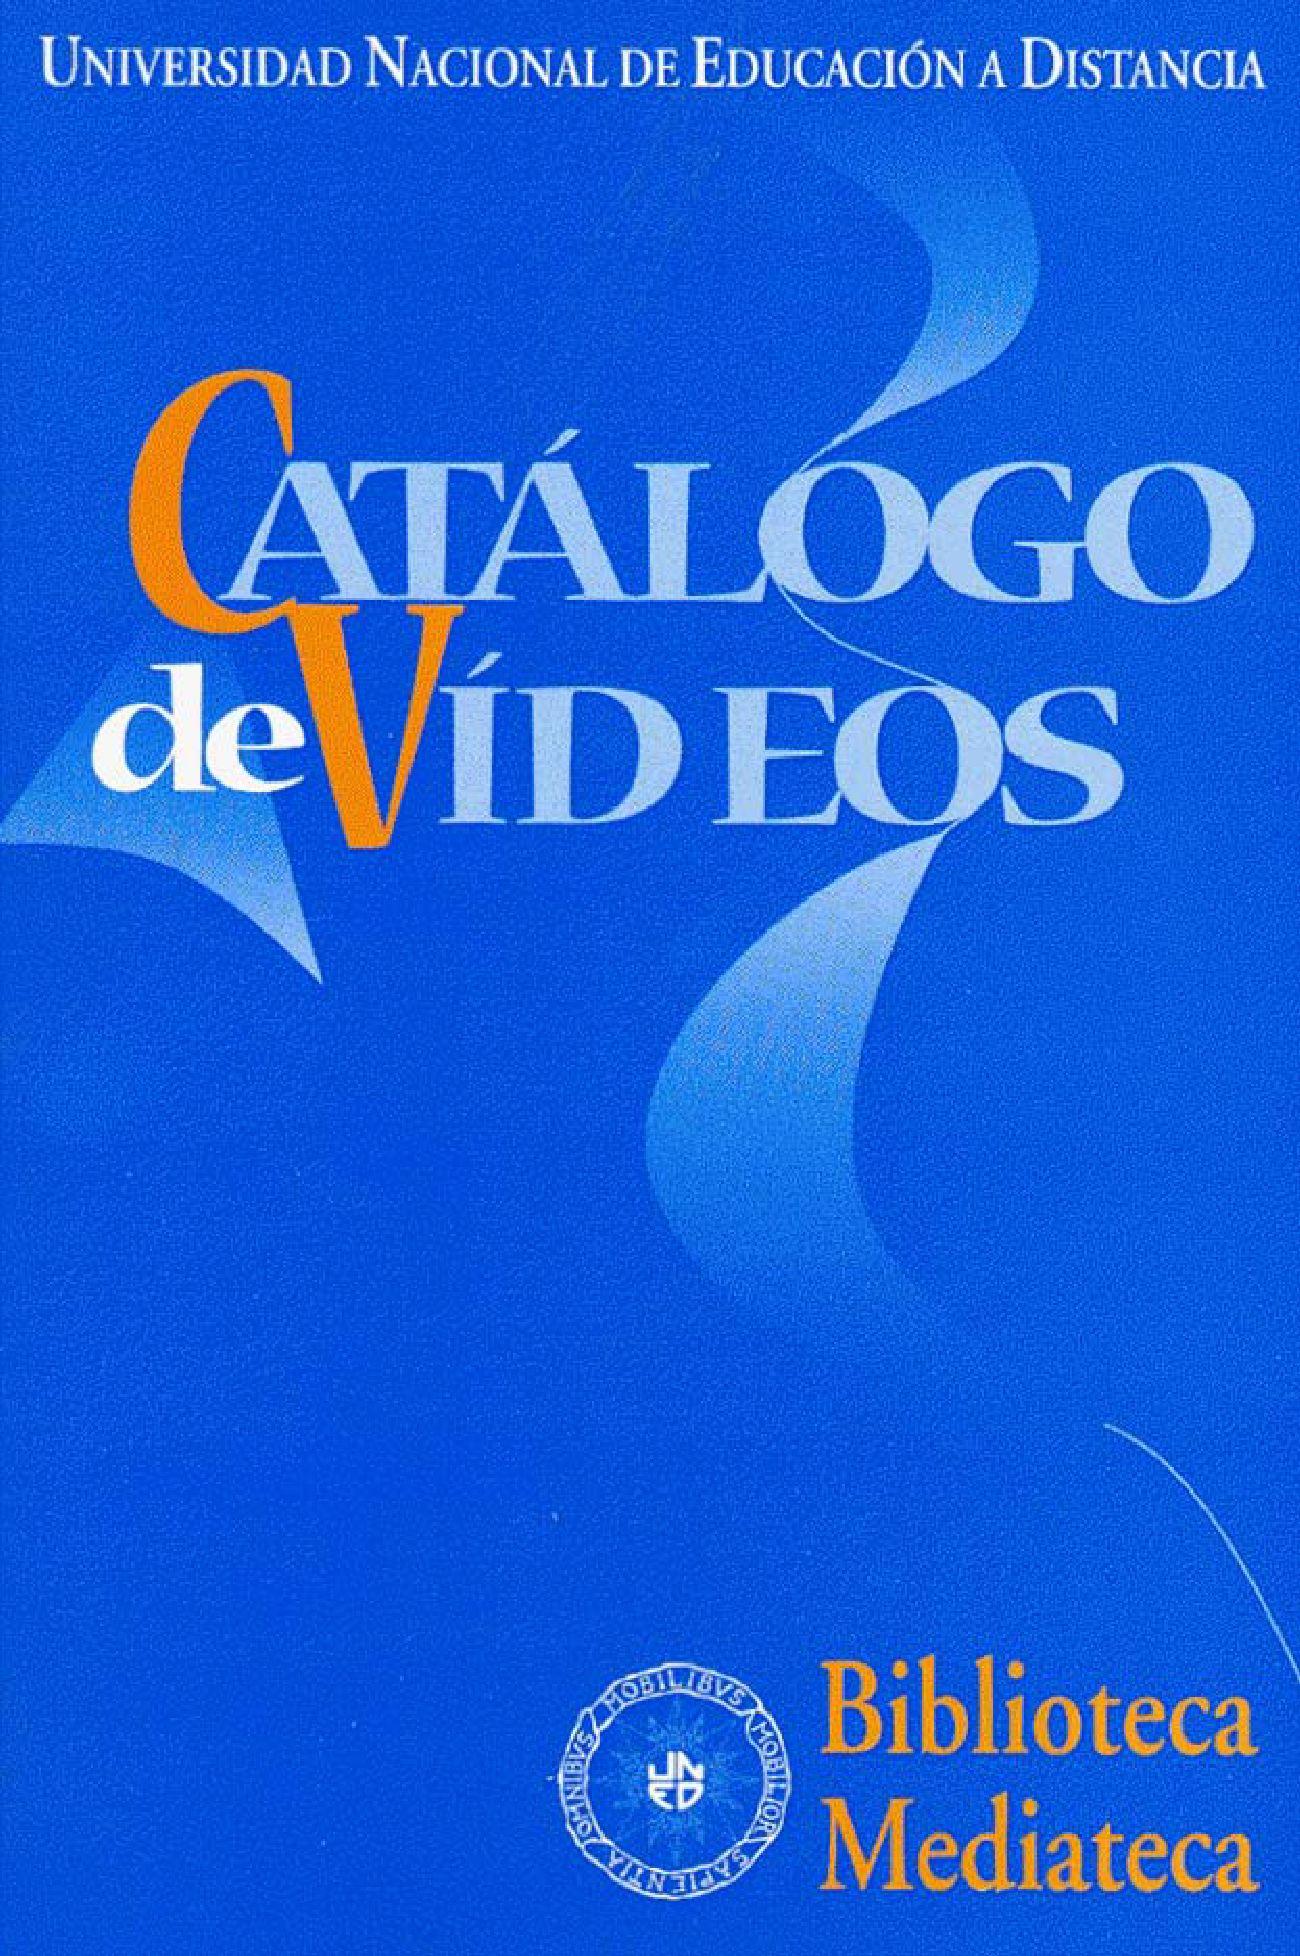 Issuu cat logo de v deos educativos by mediatecauned for Uned biblioteca catalogo